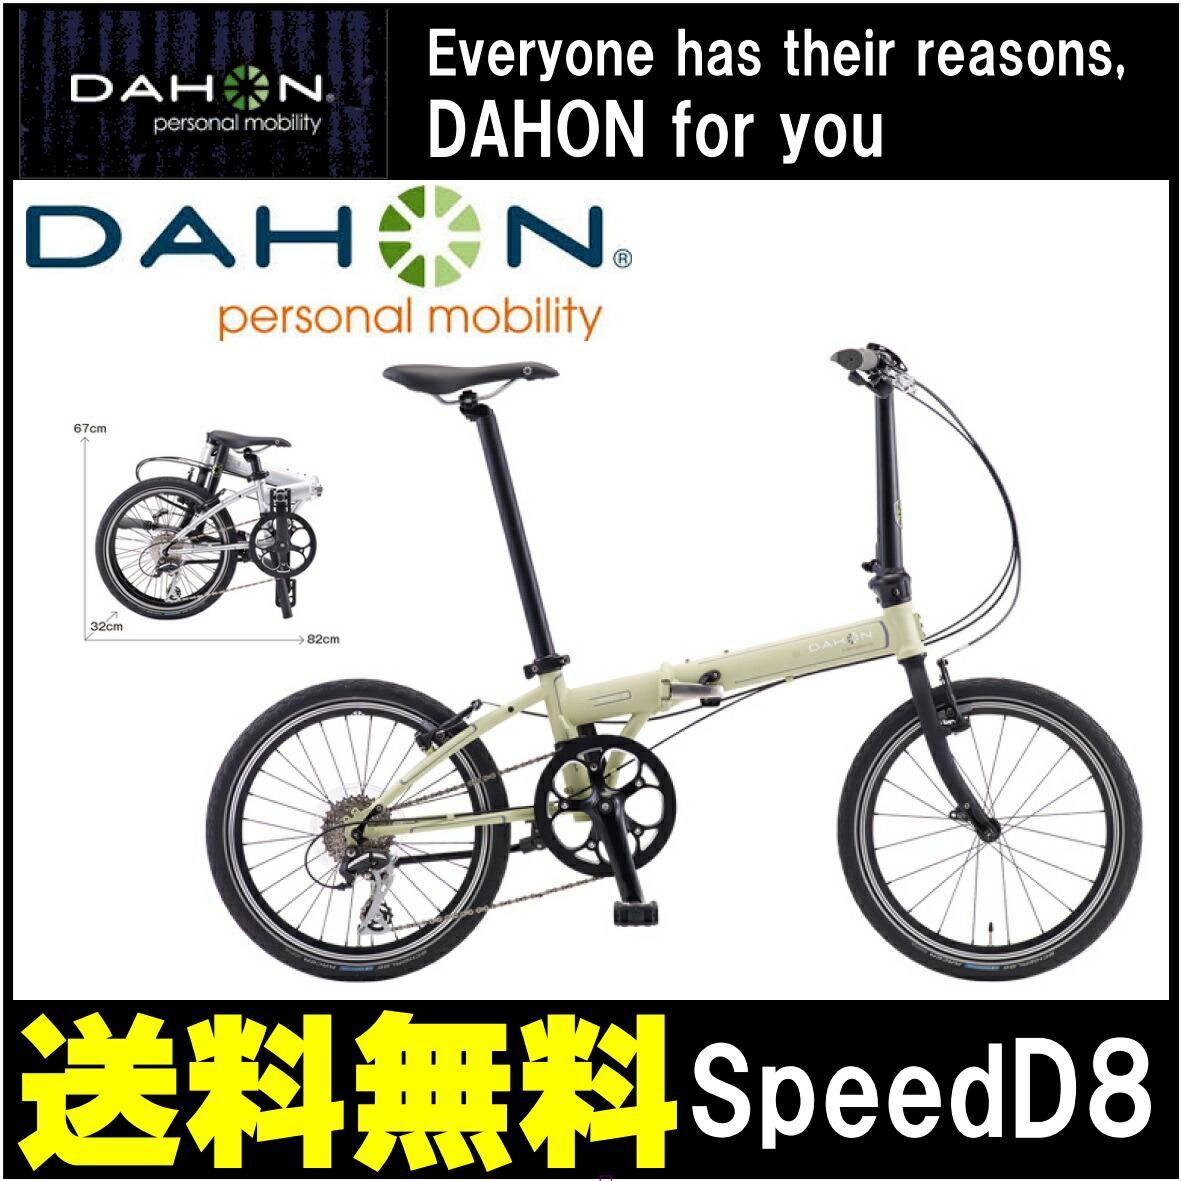 折りたたみ自転車 DAHON Speed D8 ダホン 自転車 ミストグリーン 緑色 20インチ 折りたたみ自転車 外装8段変速ギア Mist Green ダホン 折りたたみ自転車 DAHON スピード D8